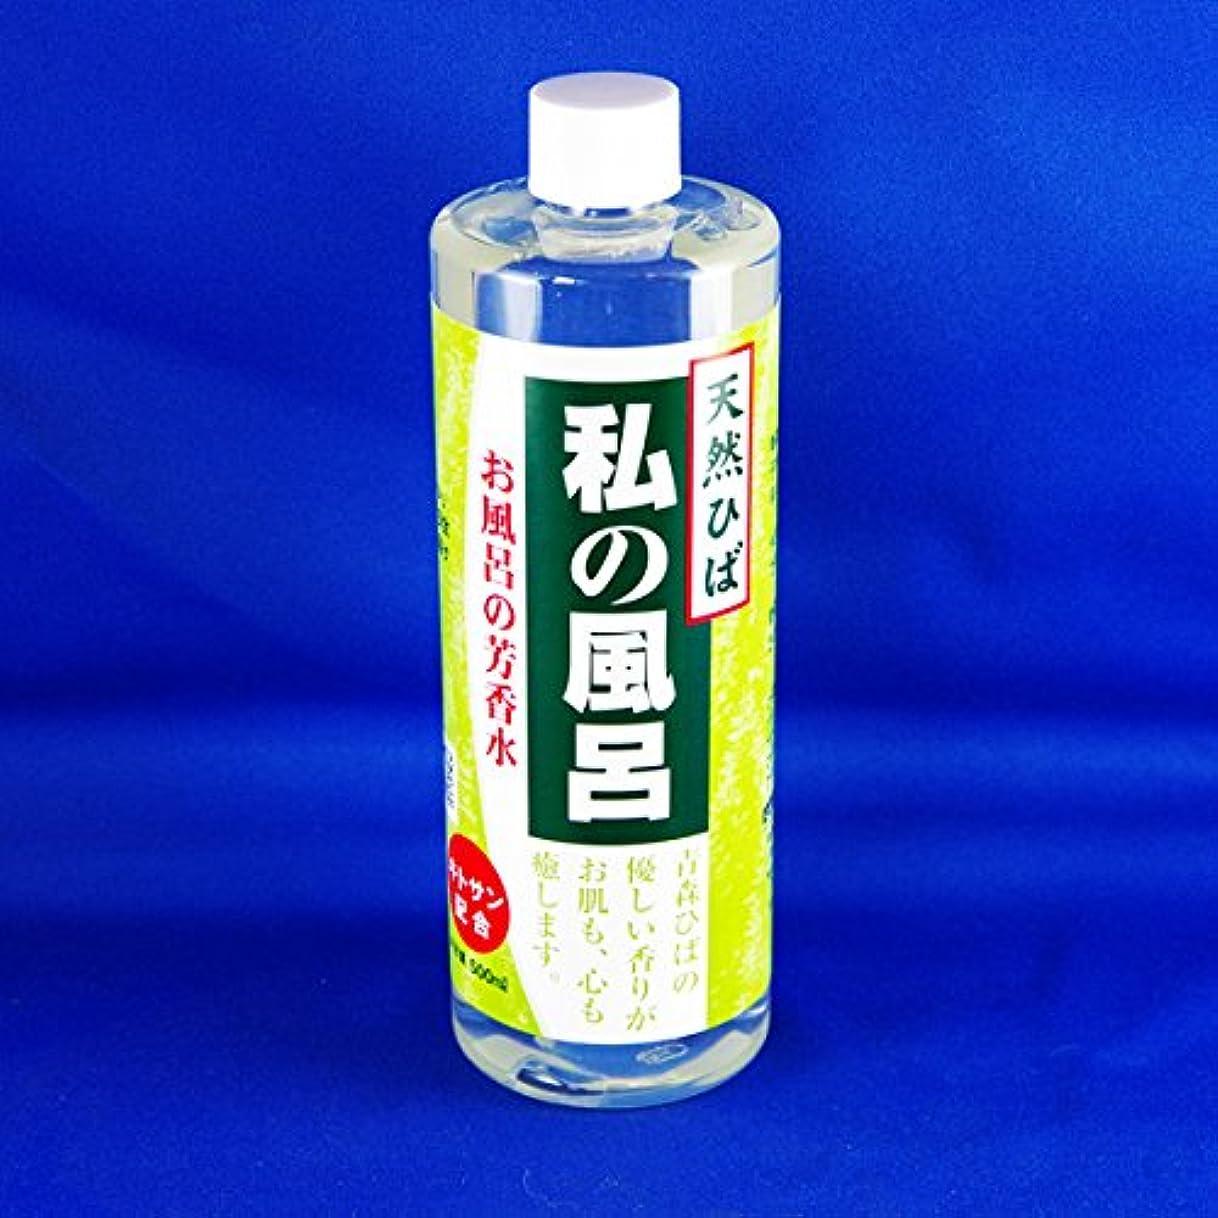 散歩委託警告する【入浴剤】青森ひば 私の風呂 500ml(高分子キトサン配合)